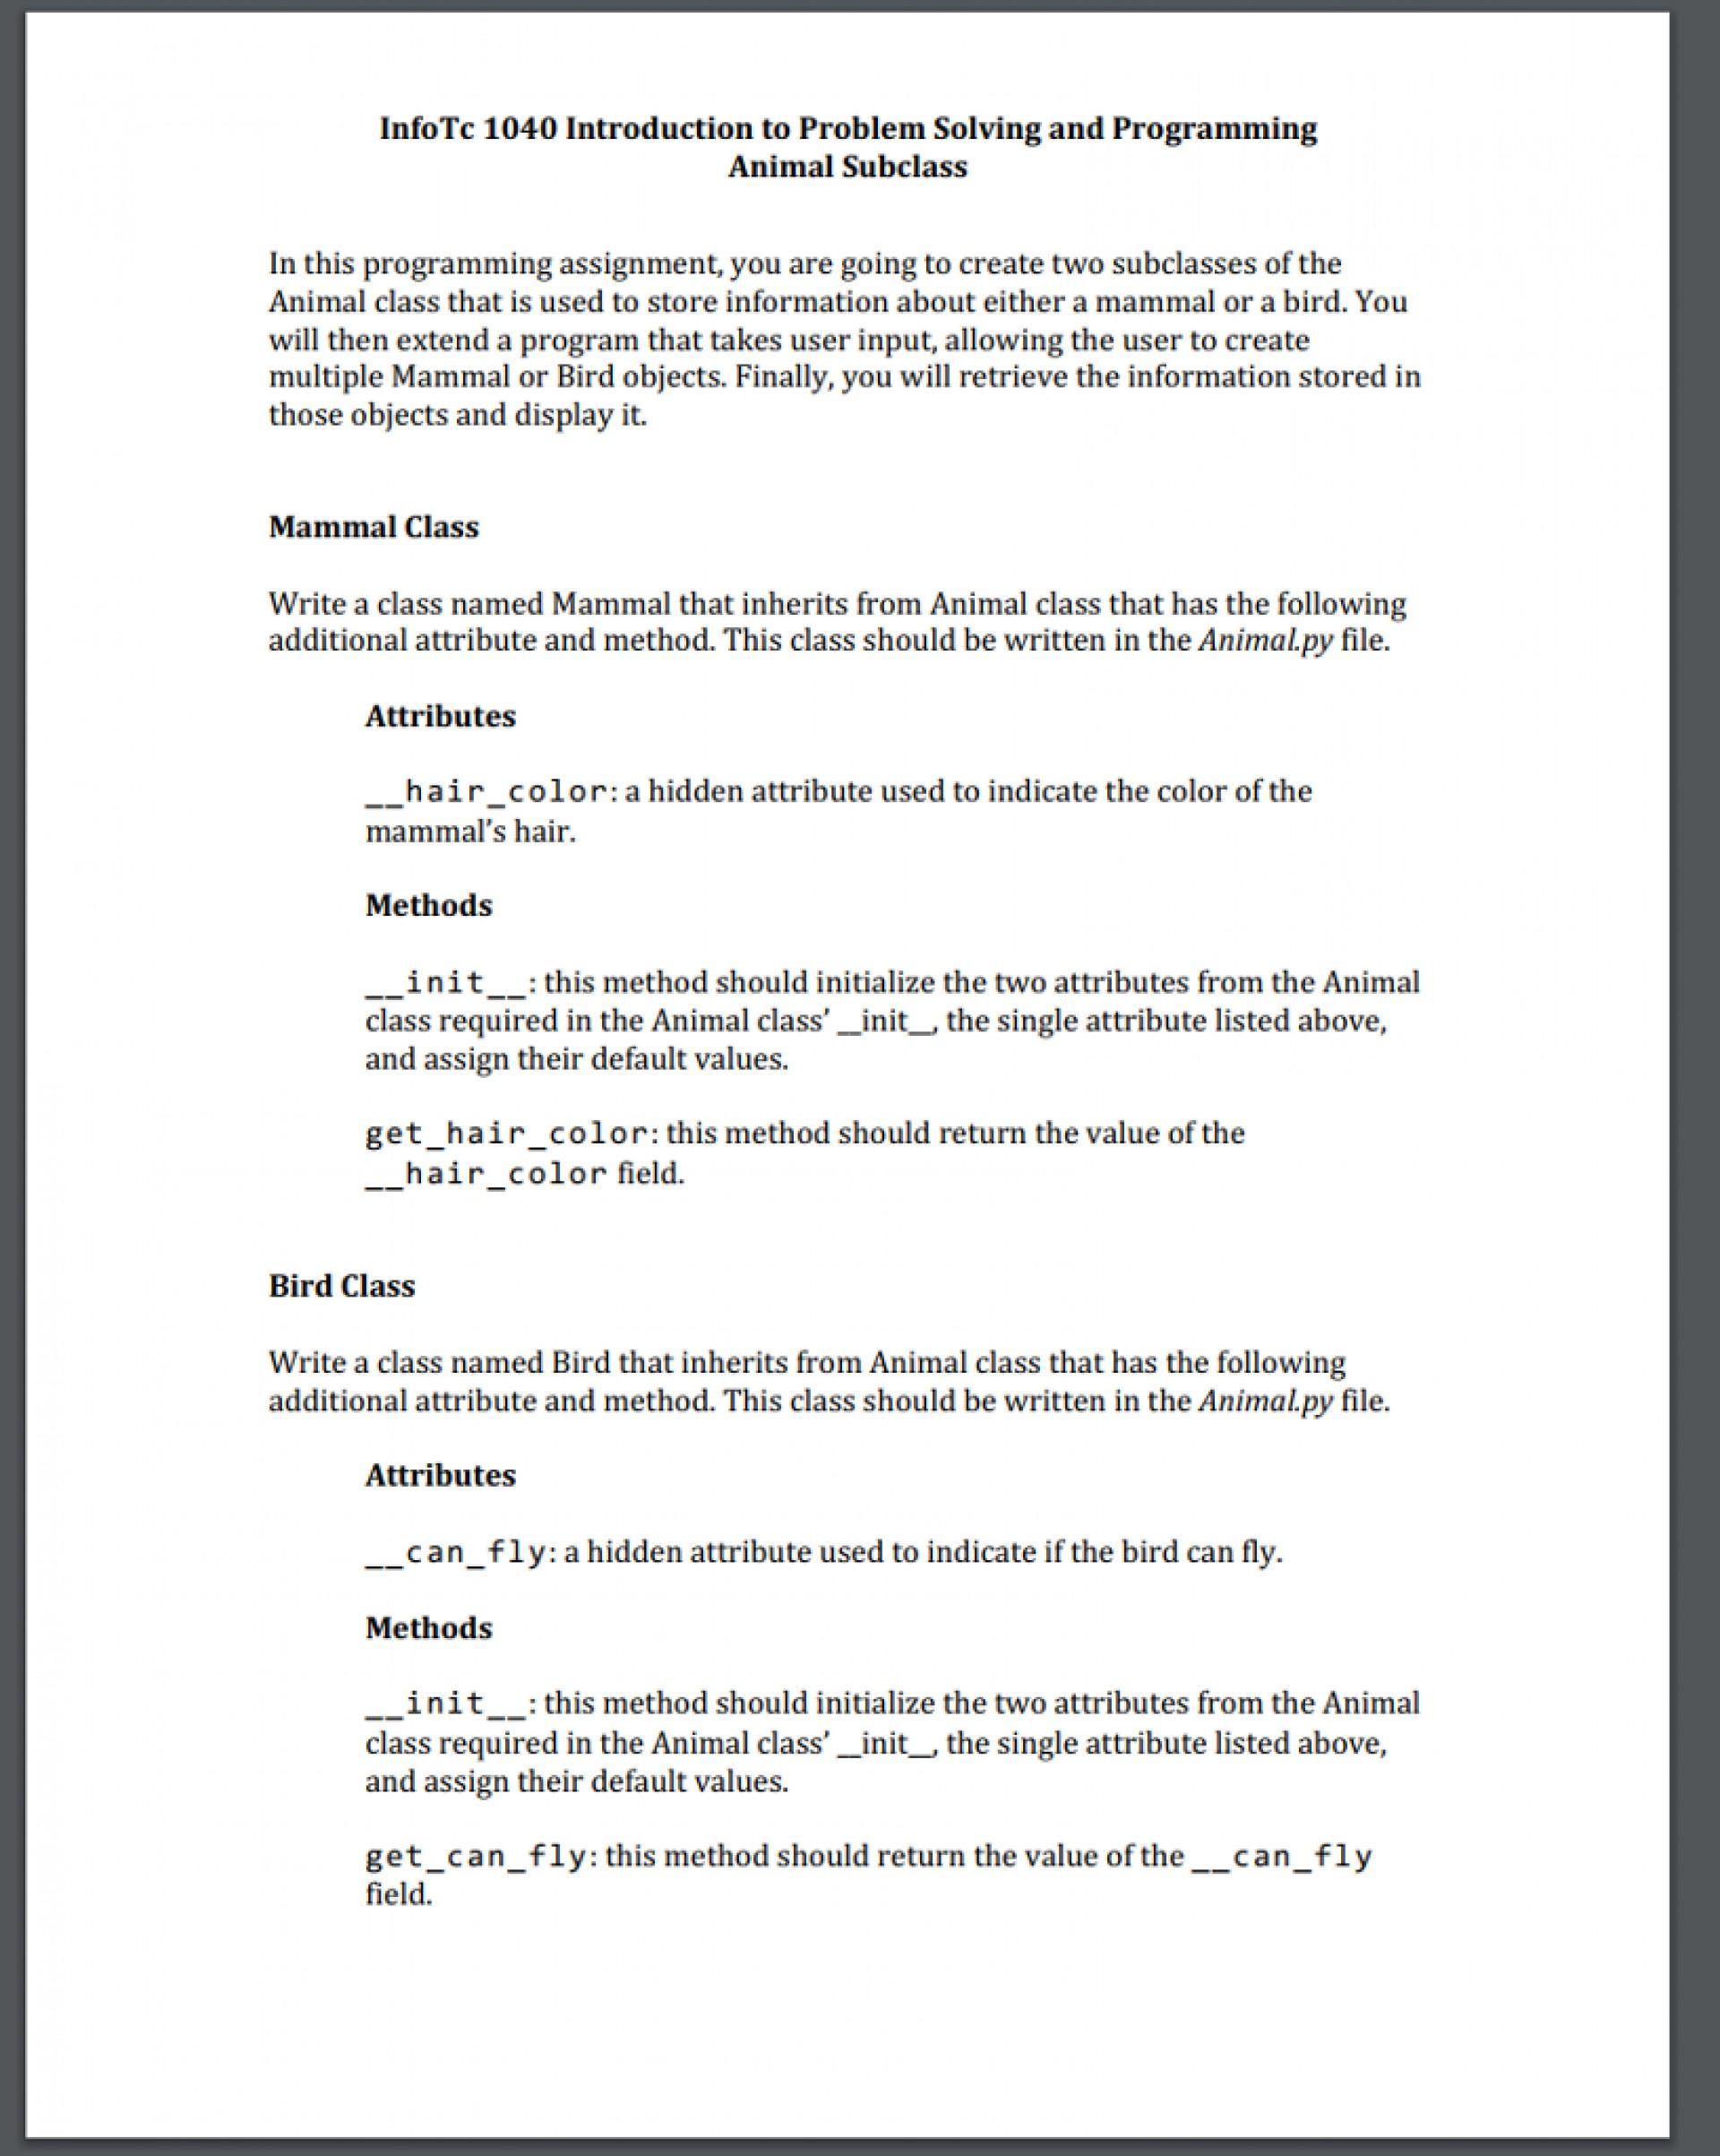 005 Brown Vs Board Of Education Essay Media2f30c2f30c4e3da A2e6b711ee1b2fphpykokwl Magnificent Conclusion Term Paper Thematic 1920